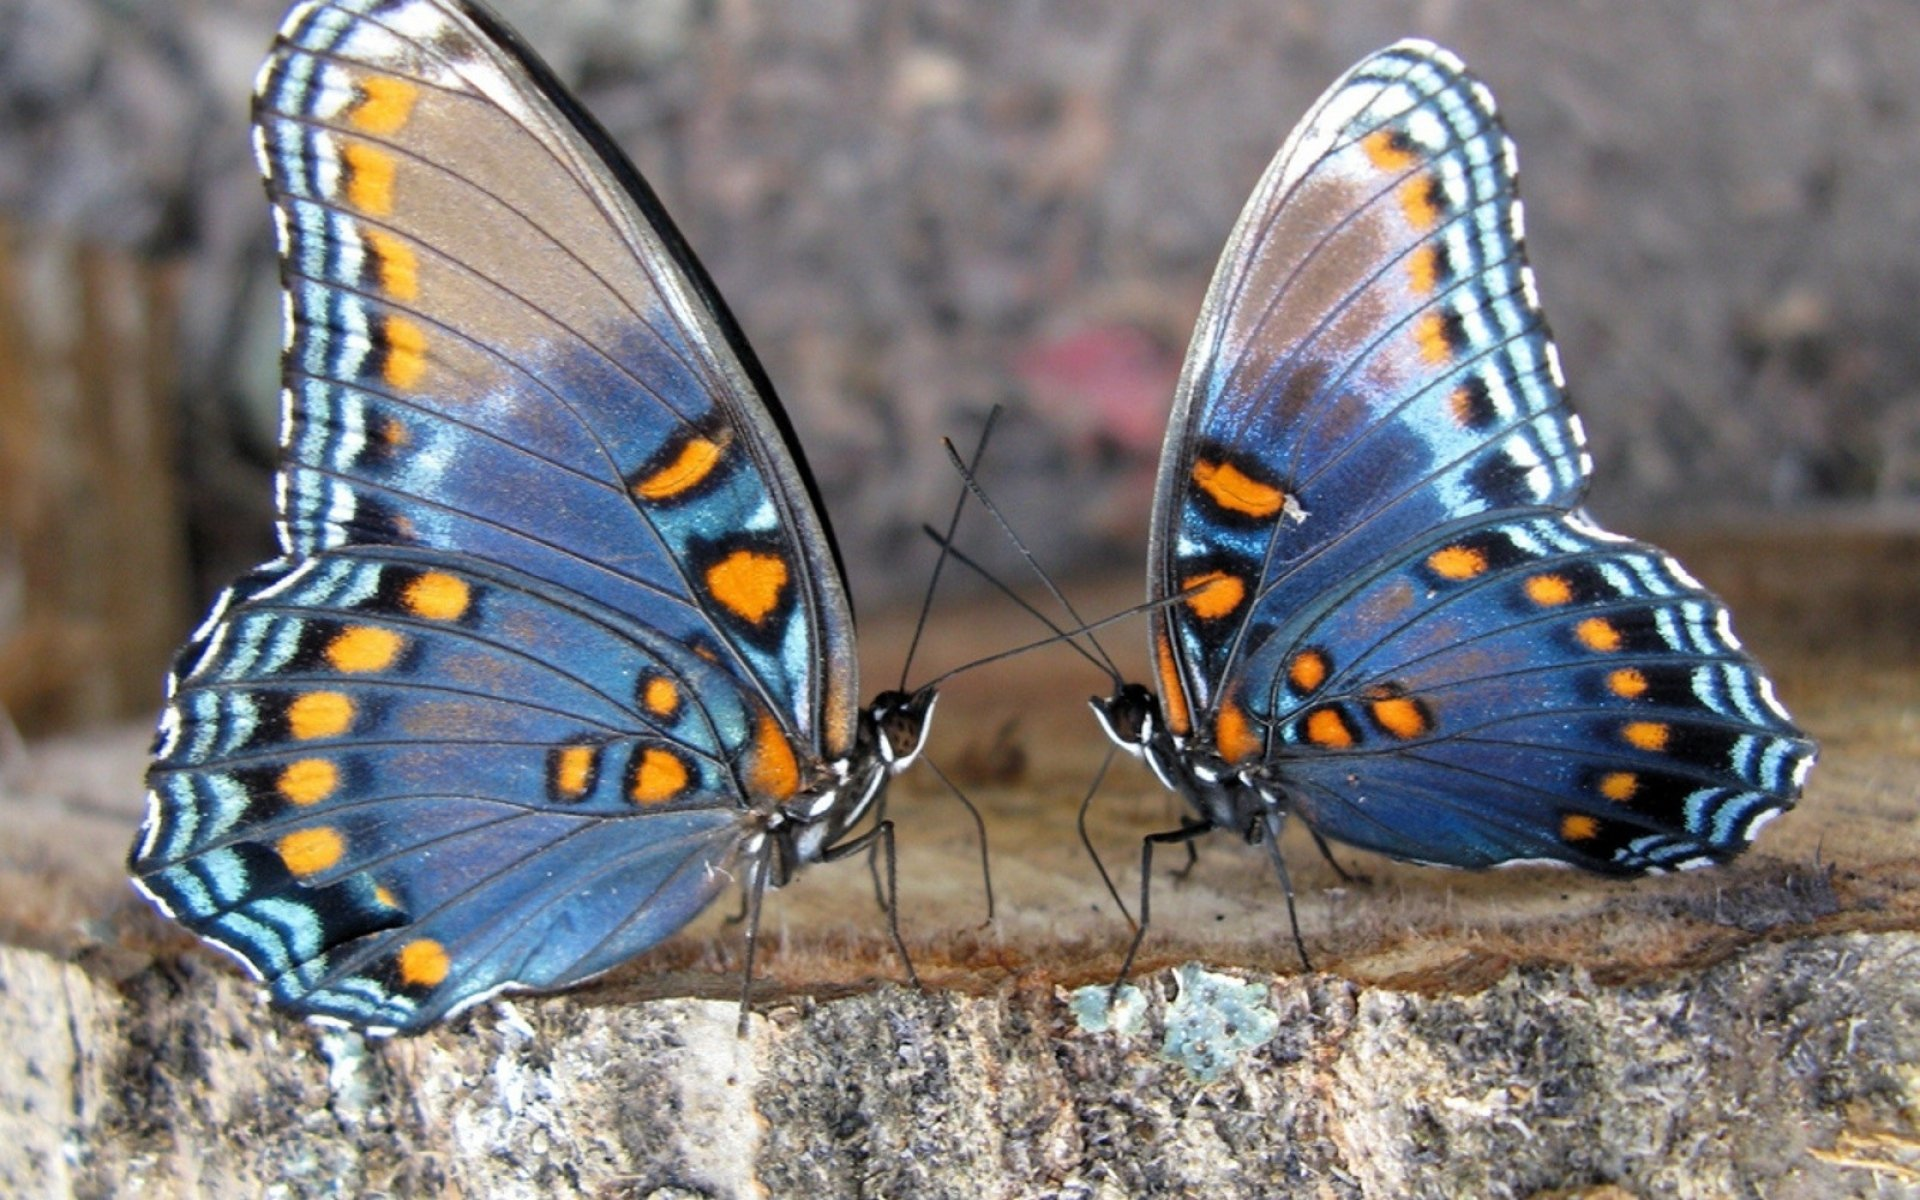 Упражнение бабочка для ног пришло из йоги Его регулярное выполнение не только улучшает растяжку, но и нормализует кровообращение в органах малого таза